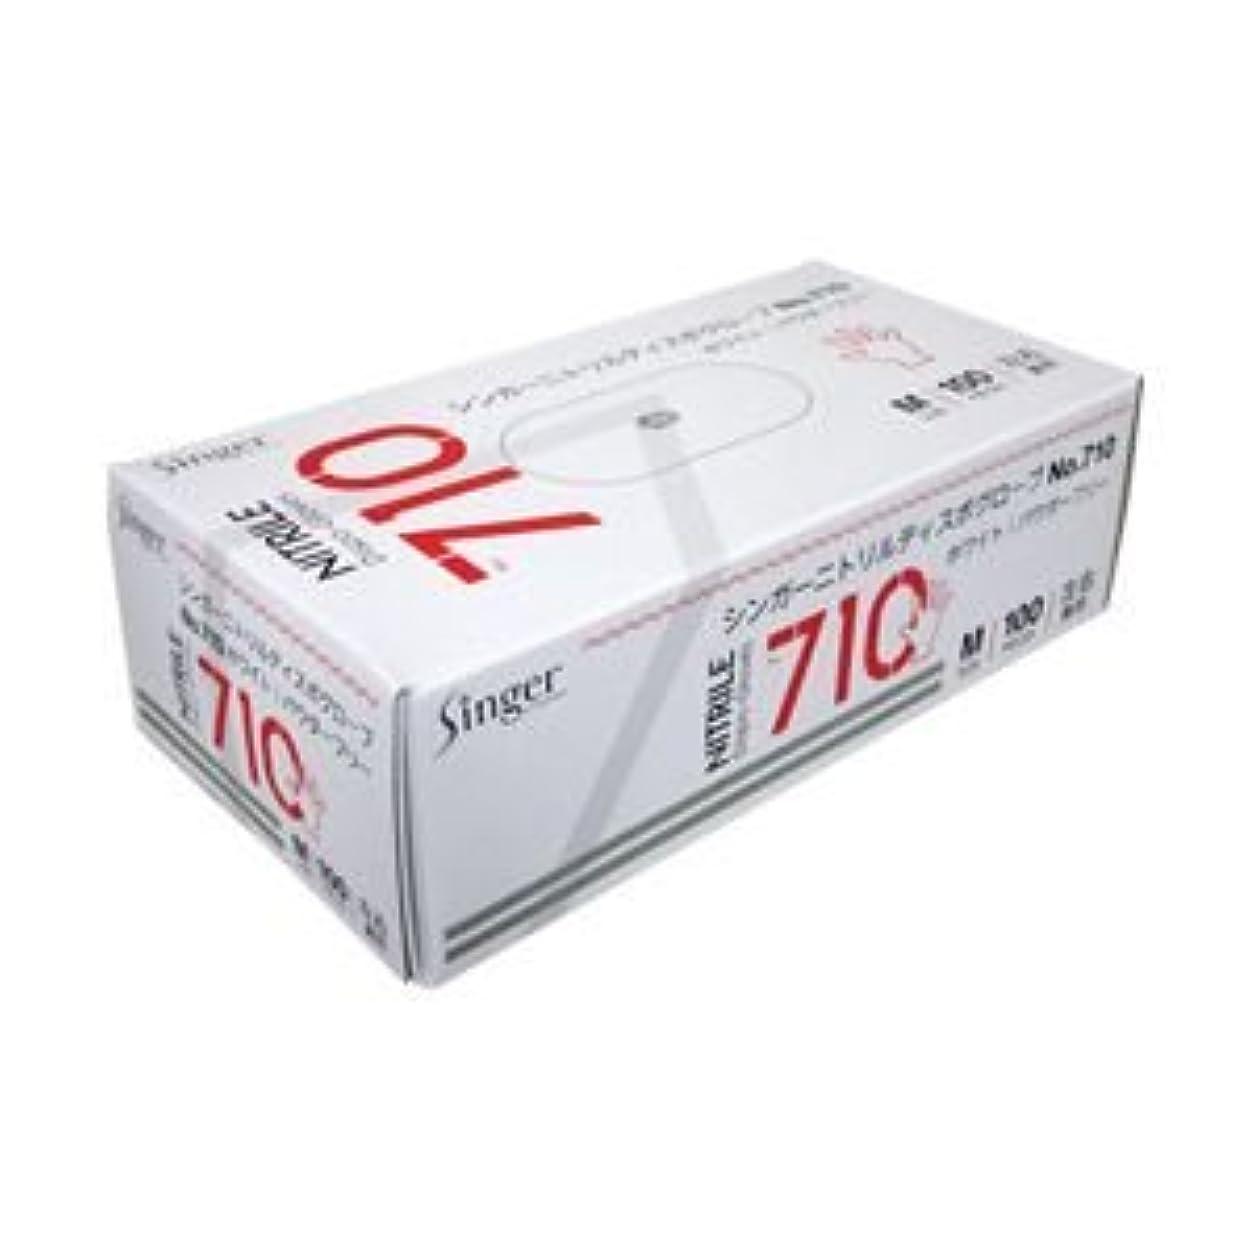 系譜技術者国家宇都宮製作 ニトリル手袋710 粉なし M 1箱(100枚) ×5セット